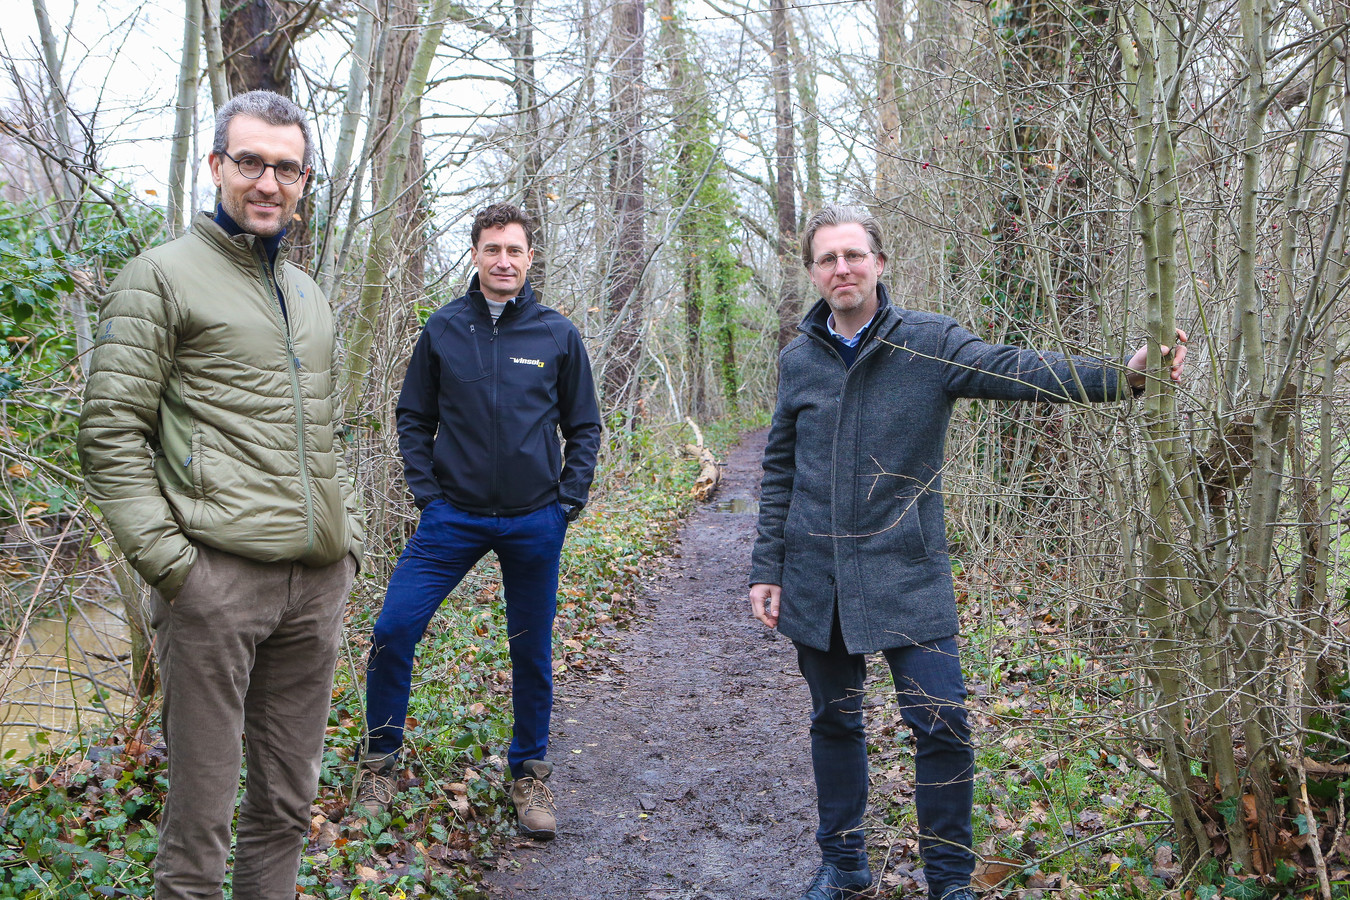 Vlnr: Frank Missoul, Xavier Costenoble en Dajo Hermans. Costenoble is CEO en eigenaar van Winsol, het eerste bedrijf dat een bedrijfsbos laat aanleggen door Forest Fwd, de nieuwe firma waarvan de andere twee vennoten zijn.